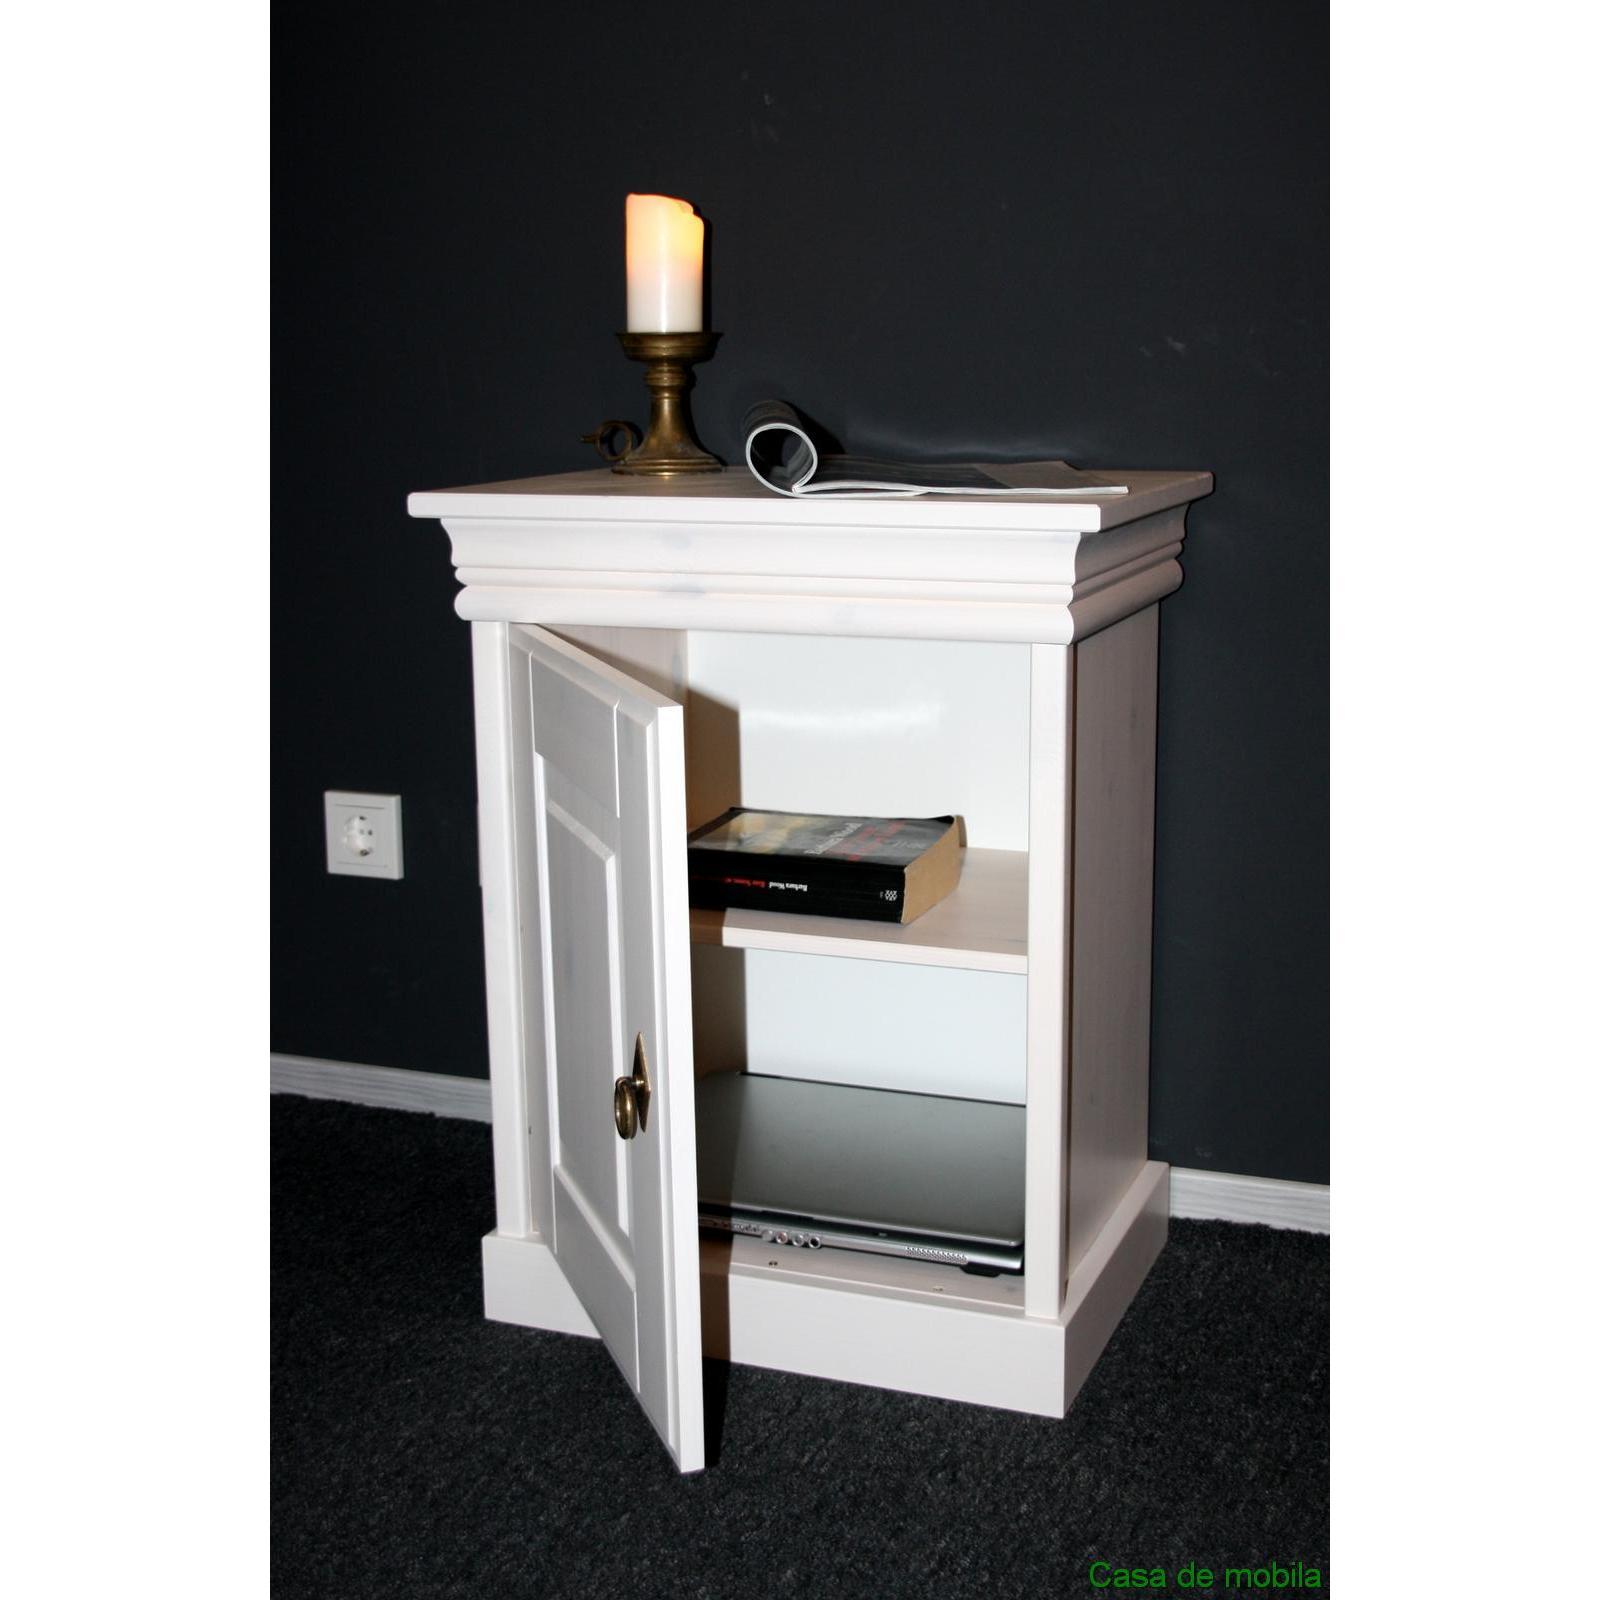 nachttisch landhaus weiss interessante ideen f r die gestaltung eines raumes in. Black Bedroom Furniture Sets. Home Design Ideas